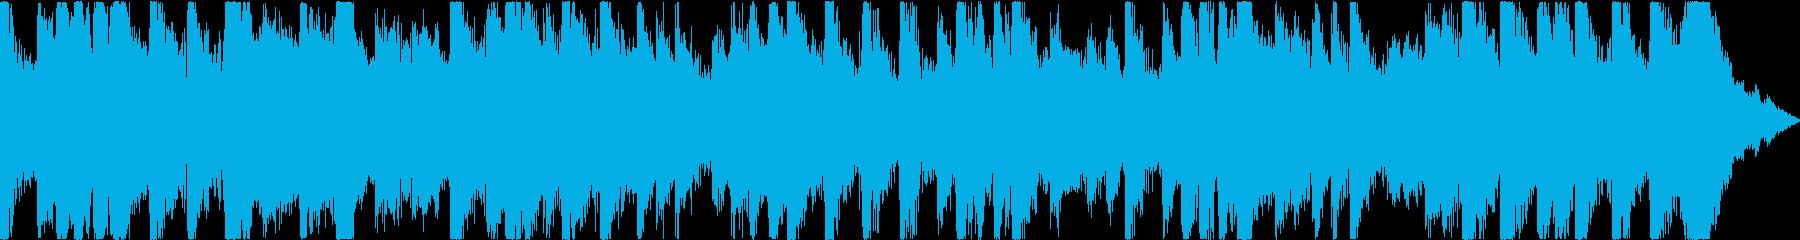 怪しいベルとヴァイオリンが奏るハロウィンの再生済みの波形